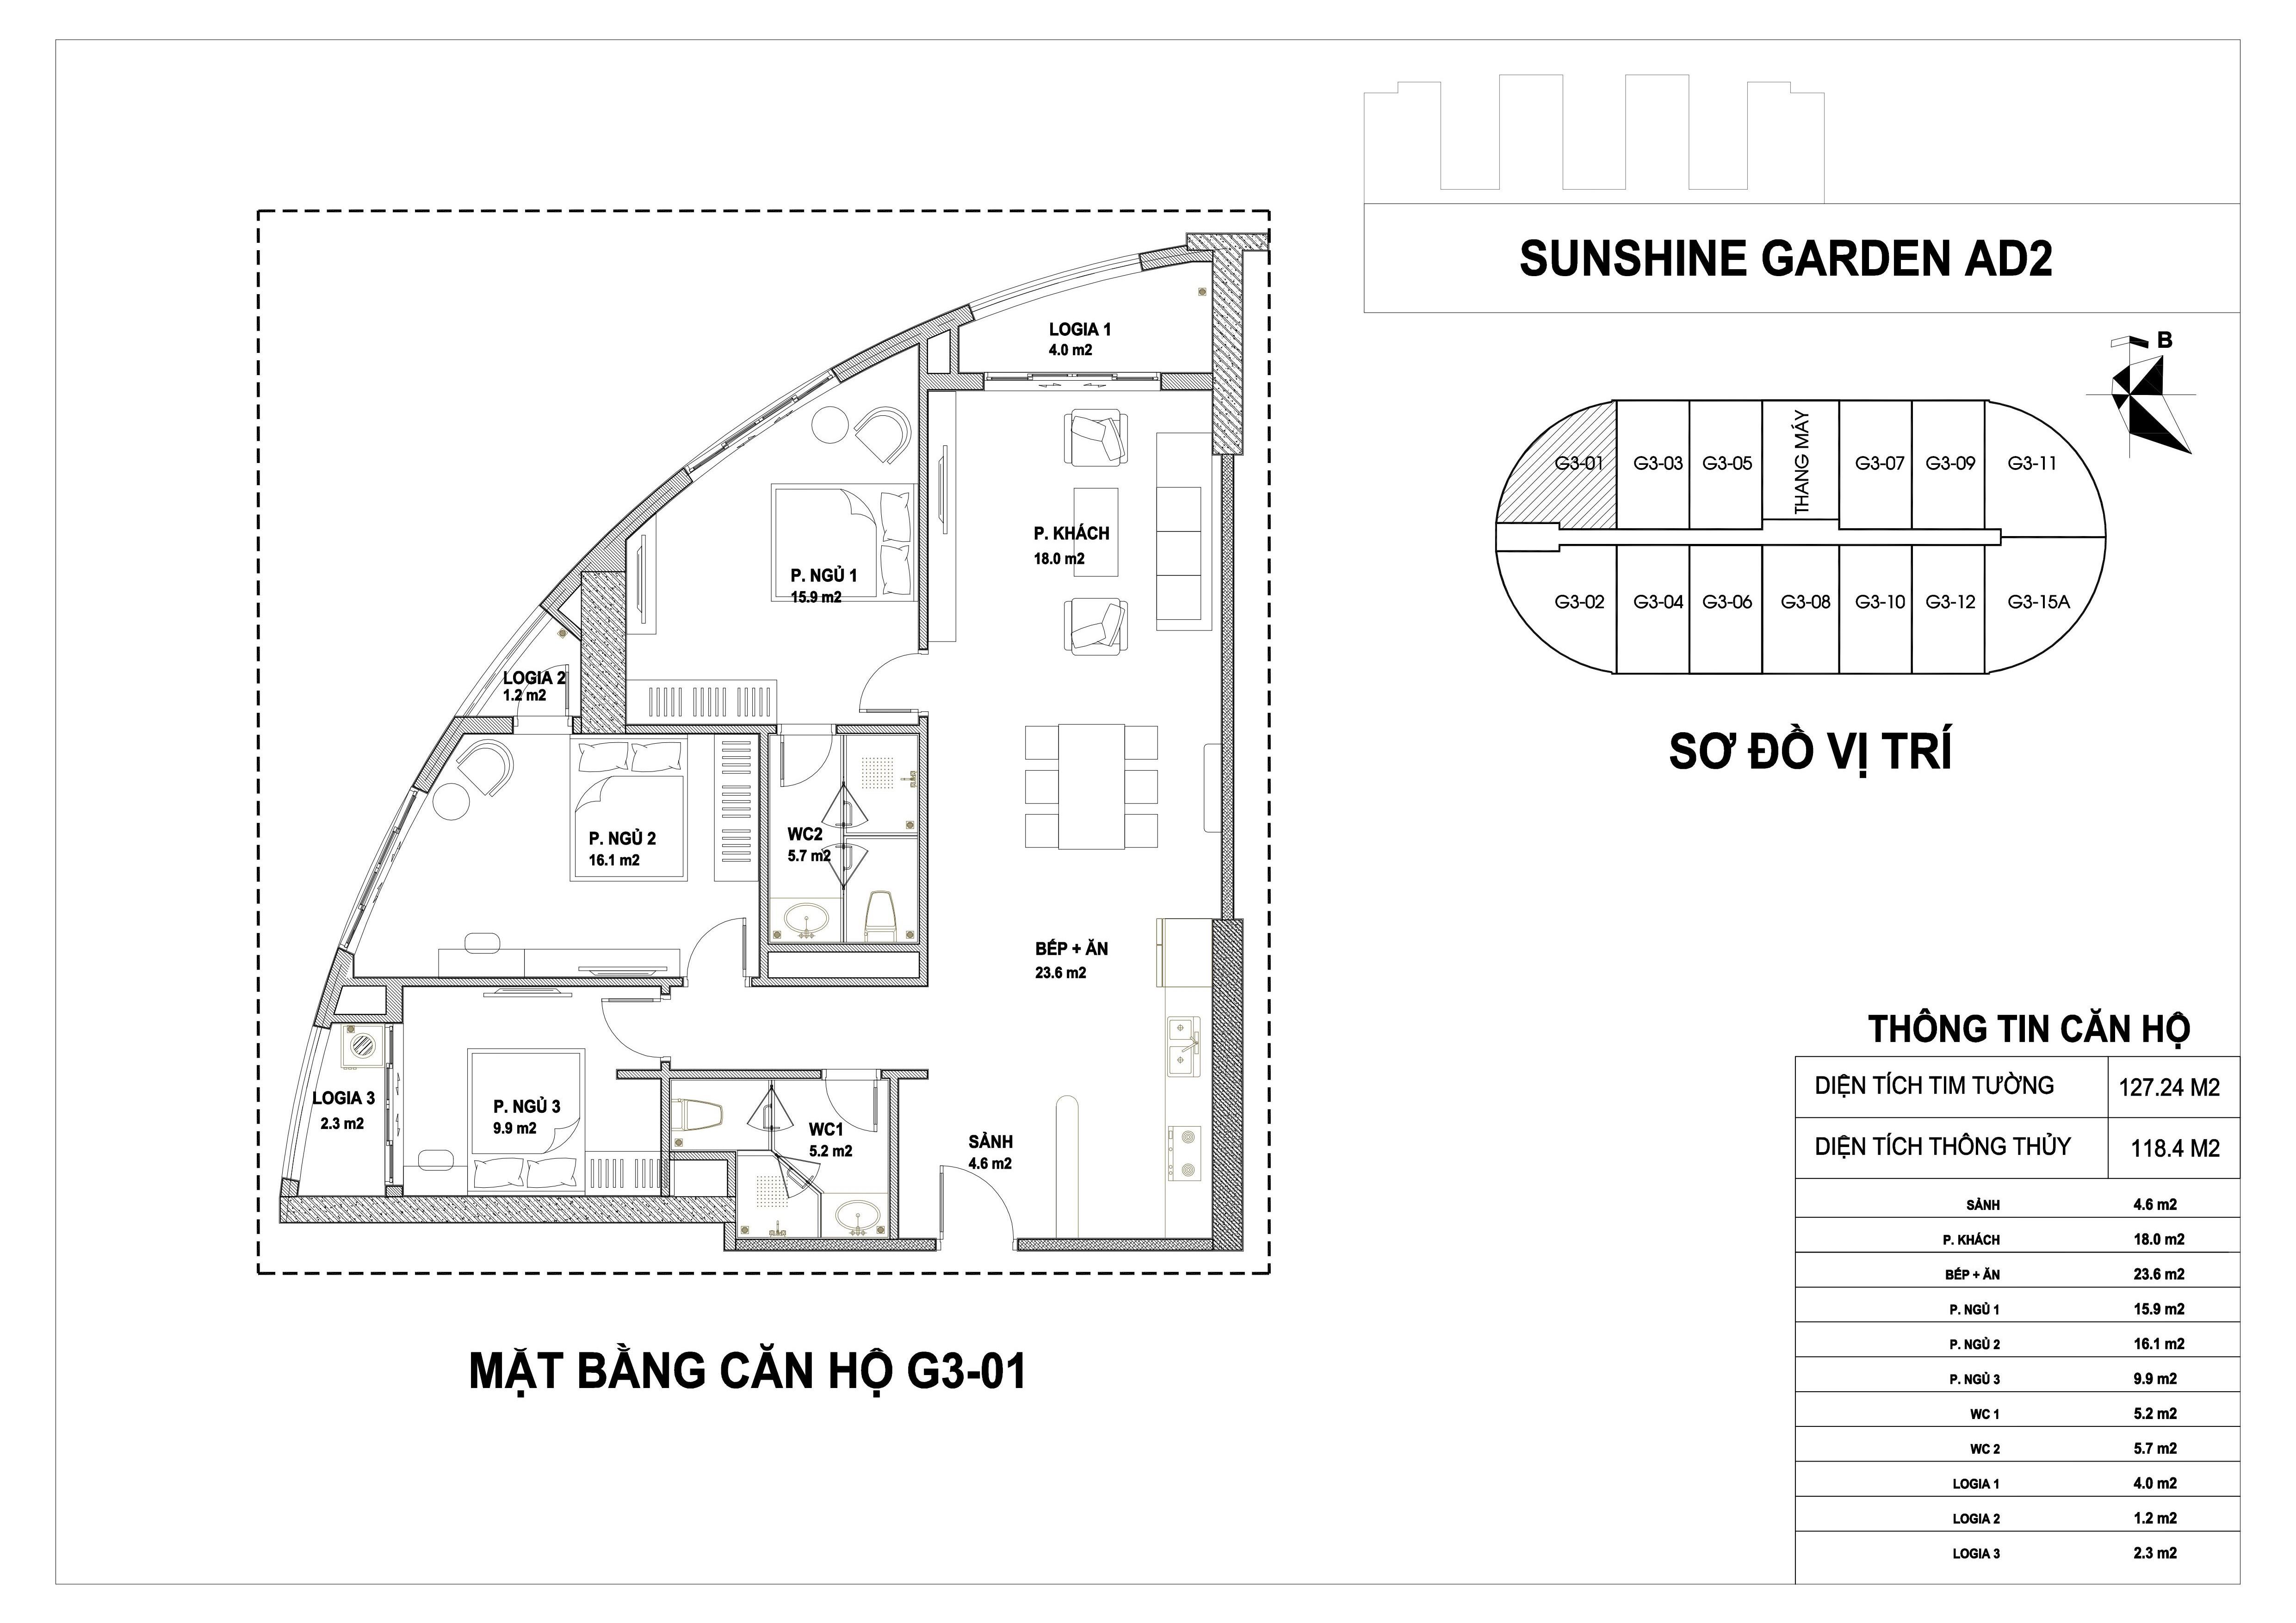 mặt bằng dự án căn hộ Sunshine Garden G3